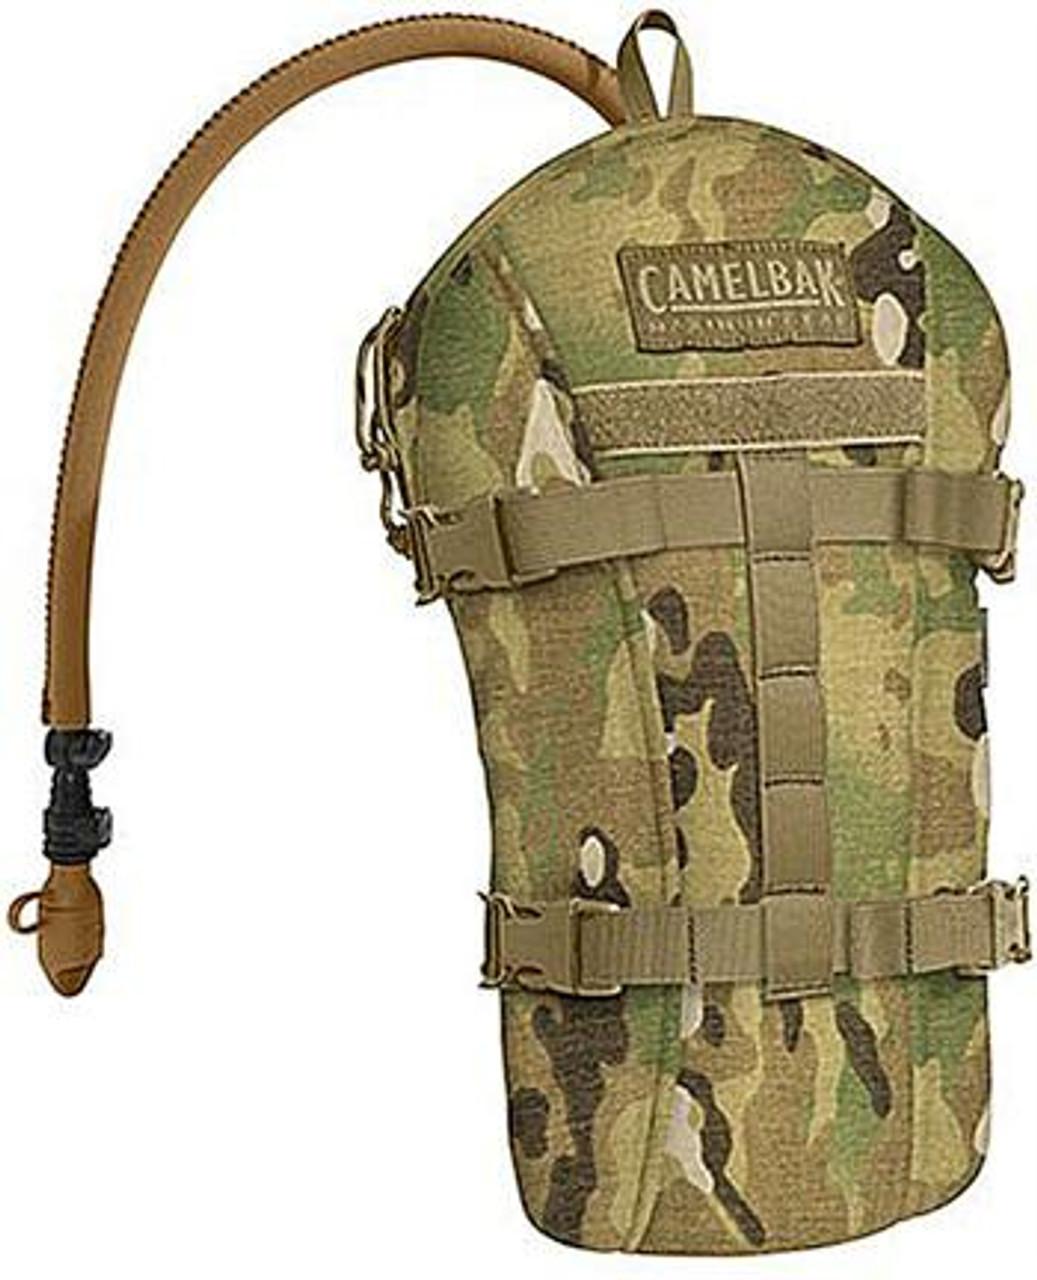 CamelBak ArmorBak 100oz./3L Hydration Pack| Colors| MultiCam